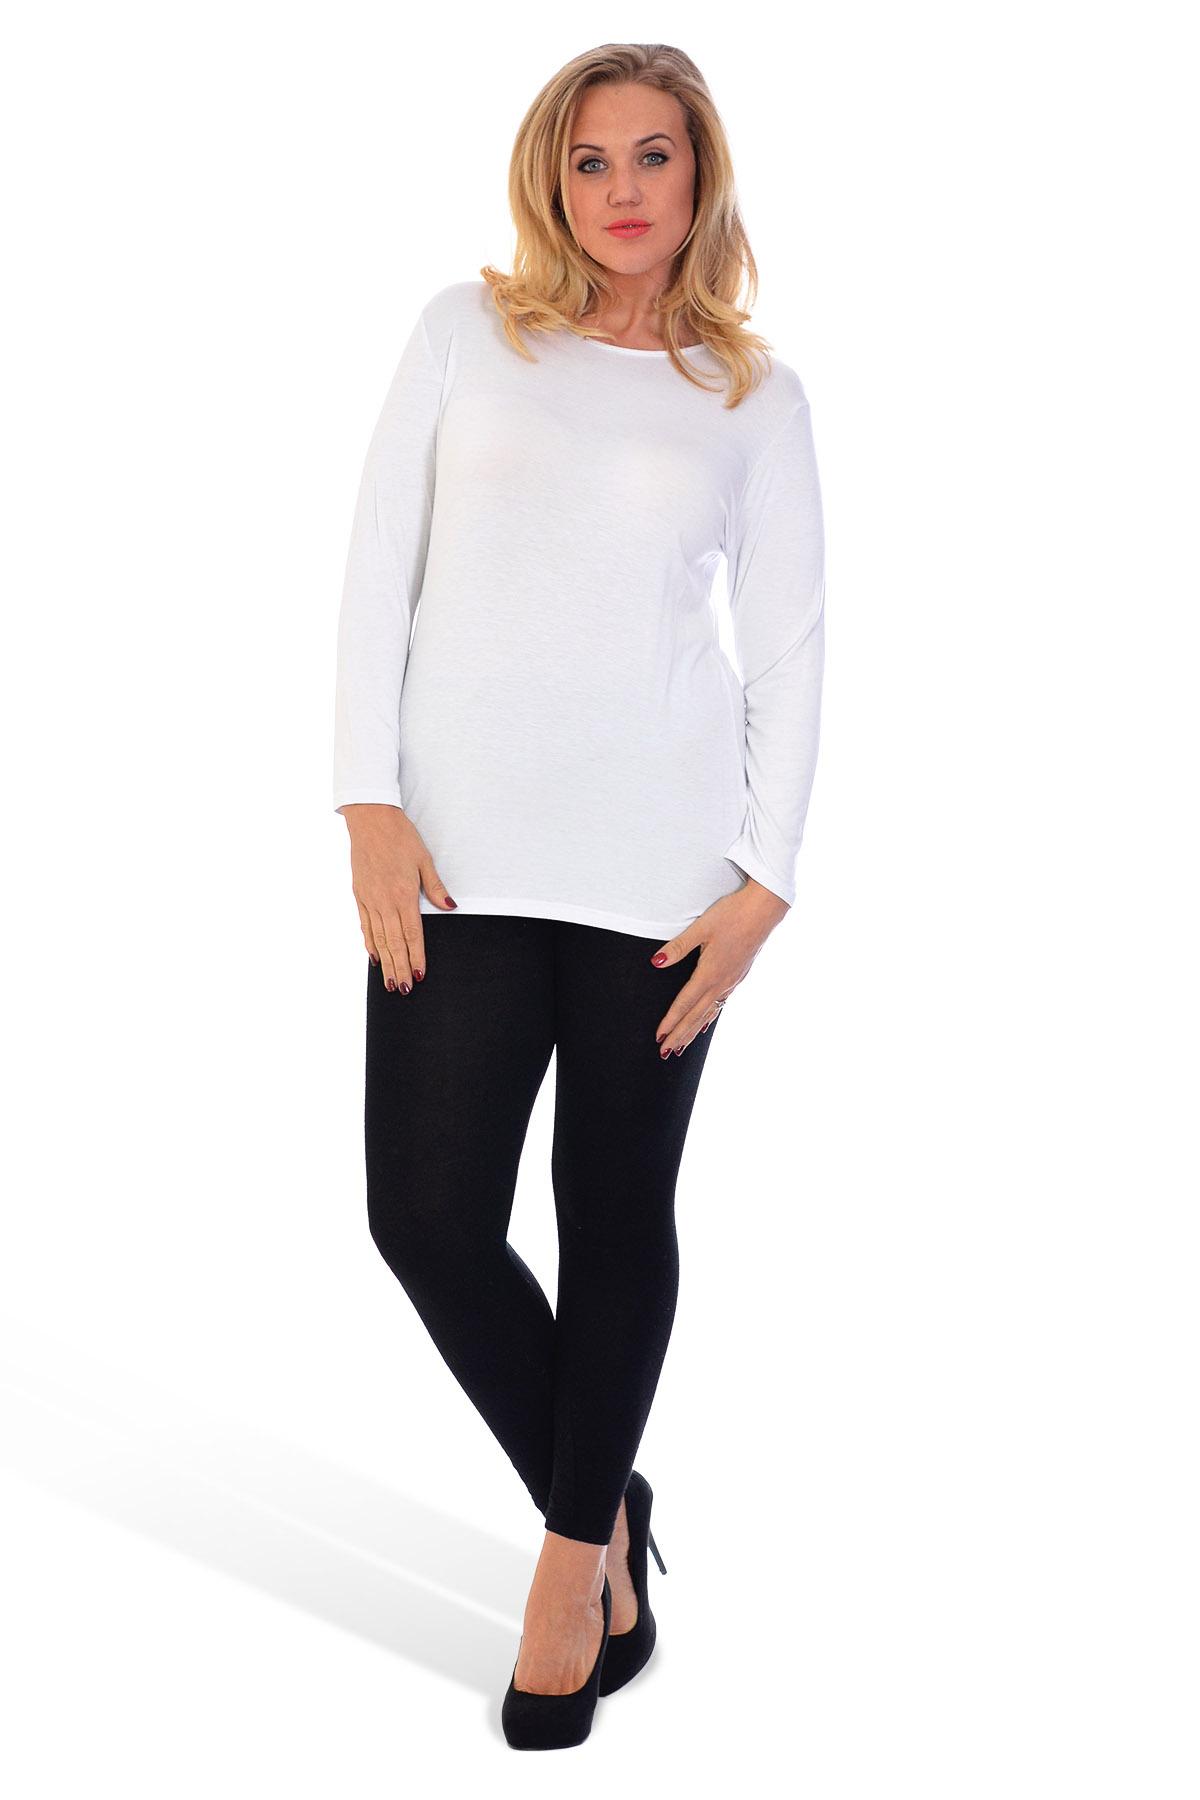 thumbnail 12 - New-Ladies-Plus-Size-T-Shirt-Womens-Top-Plain-Long-Sleeve-Basic-Nouvelle